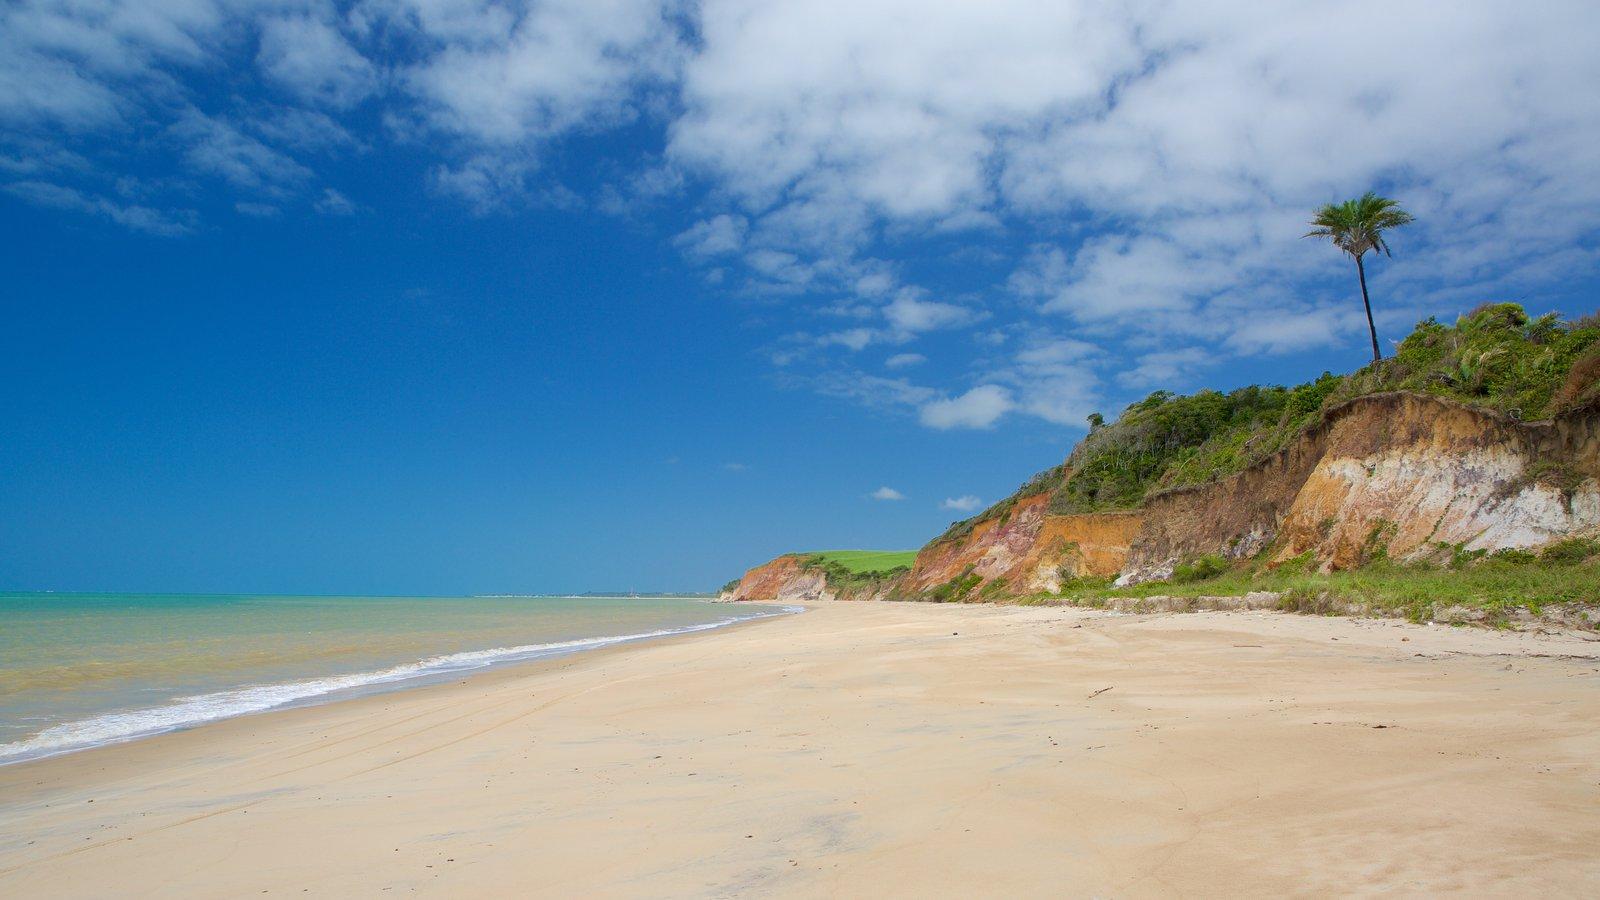 Maceió que inclui uma praia de areia, litoral acidentado e paisagens litorâneas